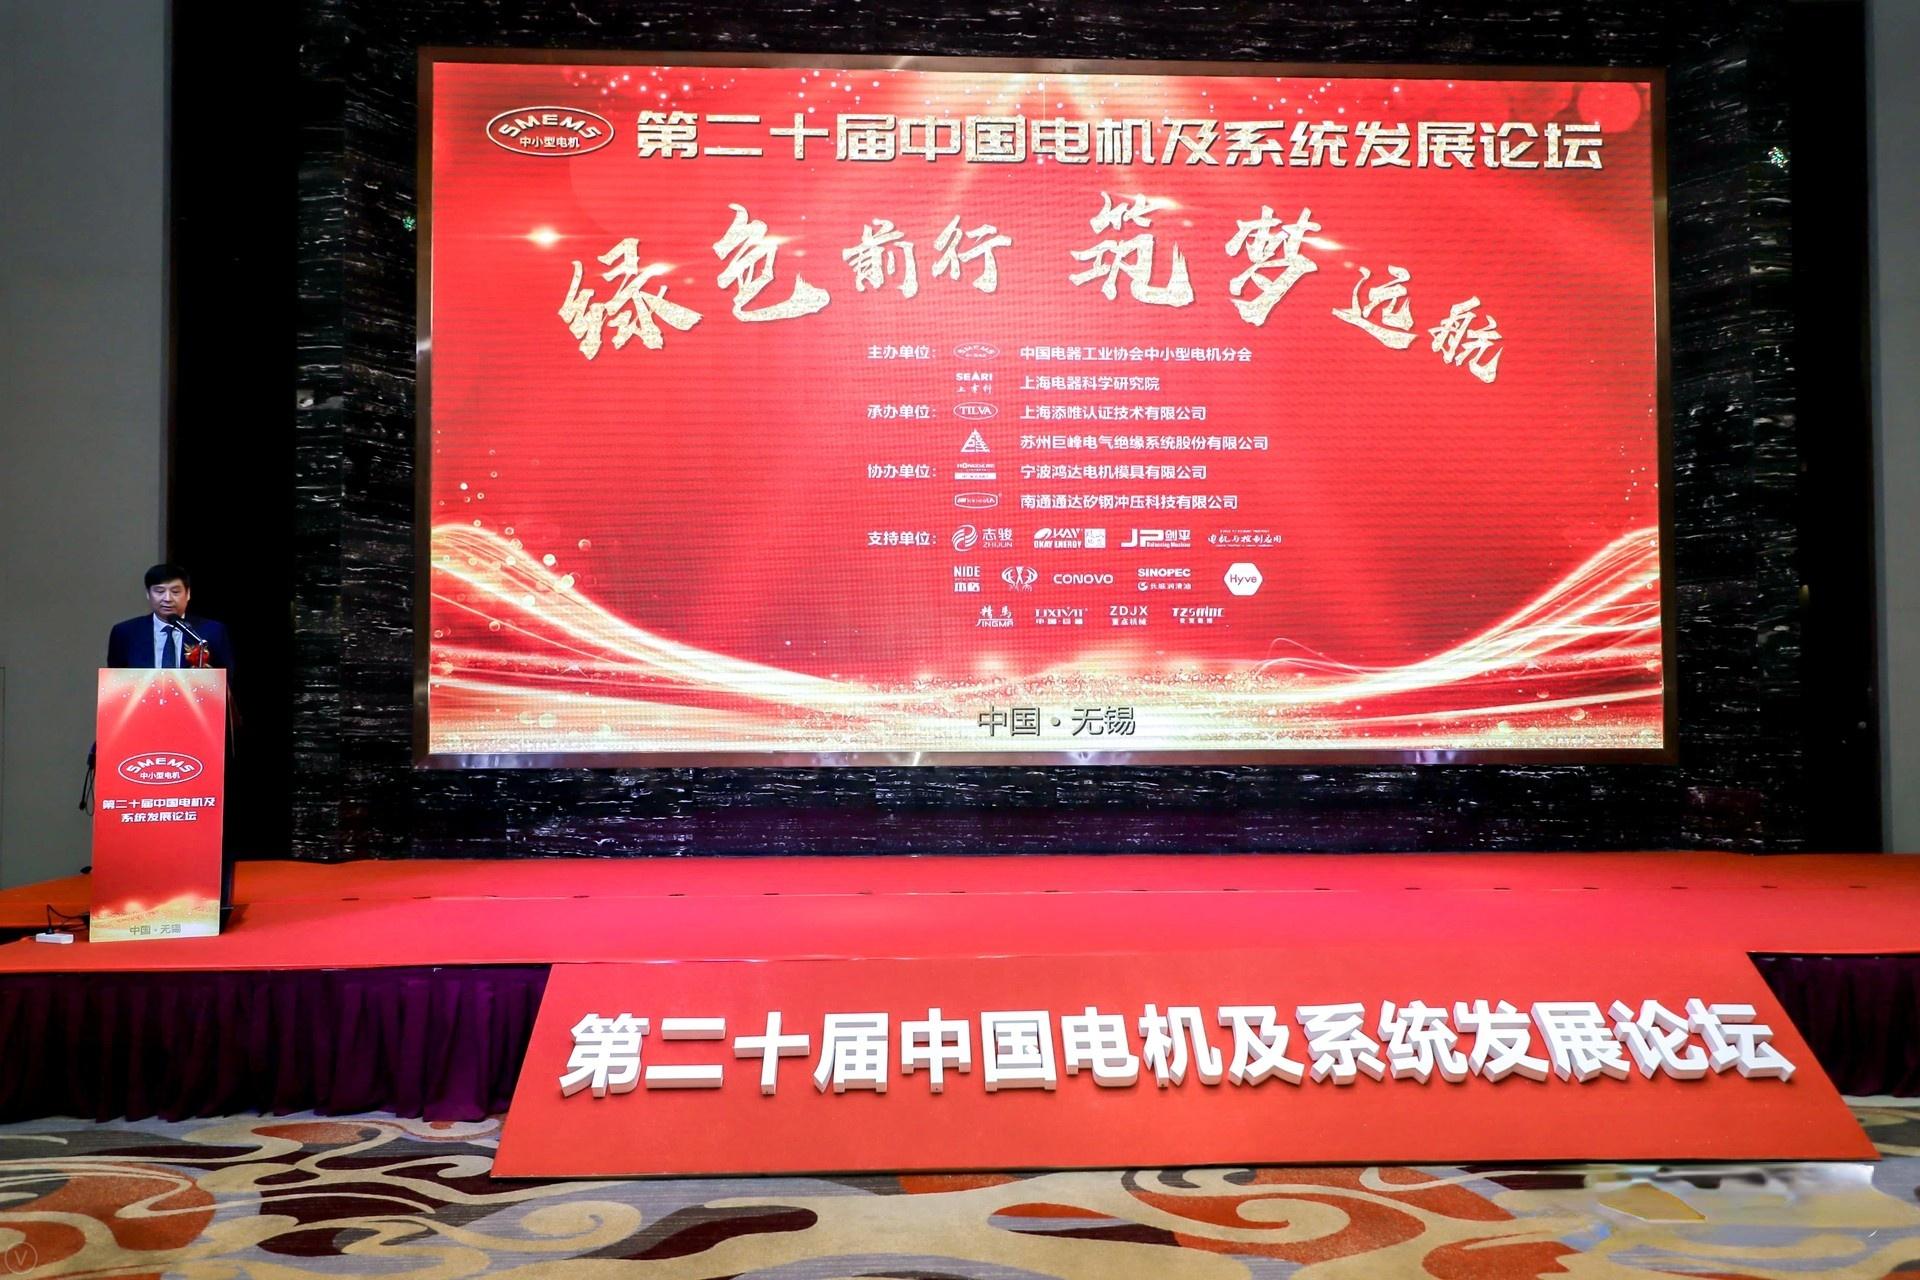 助推數字轉型,賦能智慧電機丨恩普特參加中國電機及系統發展論壇